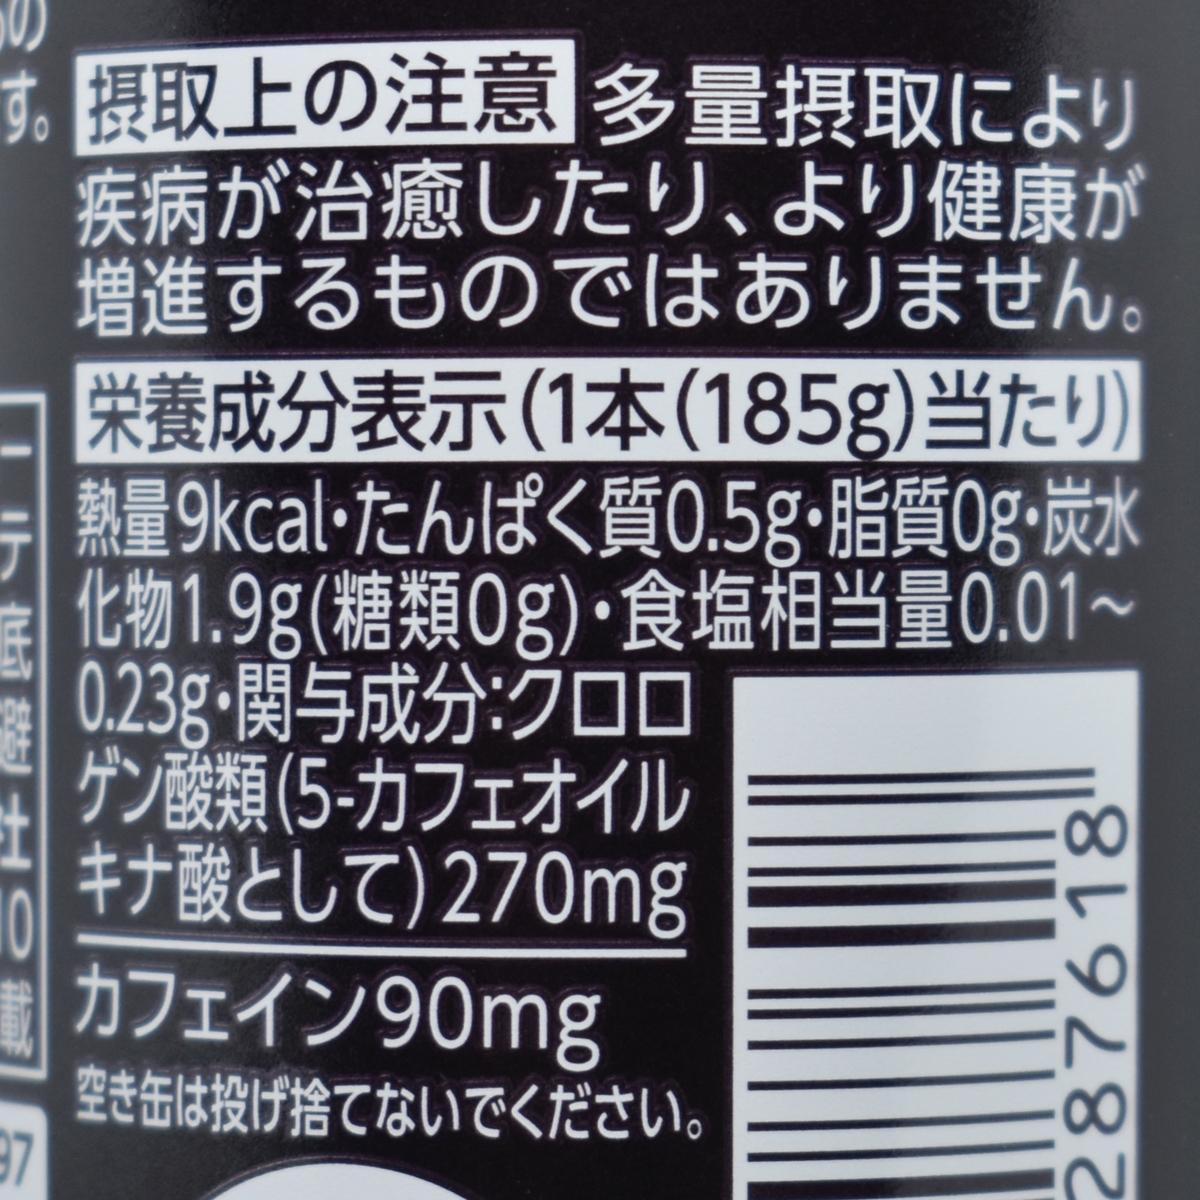 ヘルシアコーヒー無糖ブラック,栄養成分表示